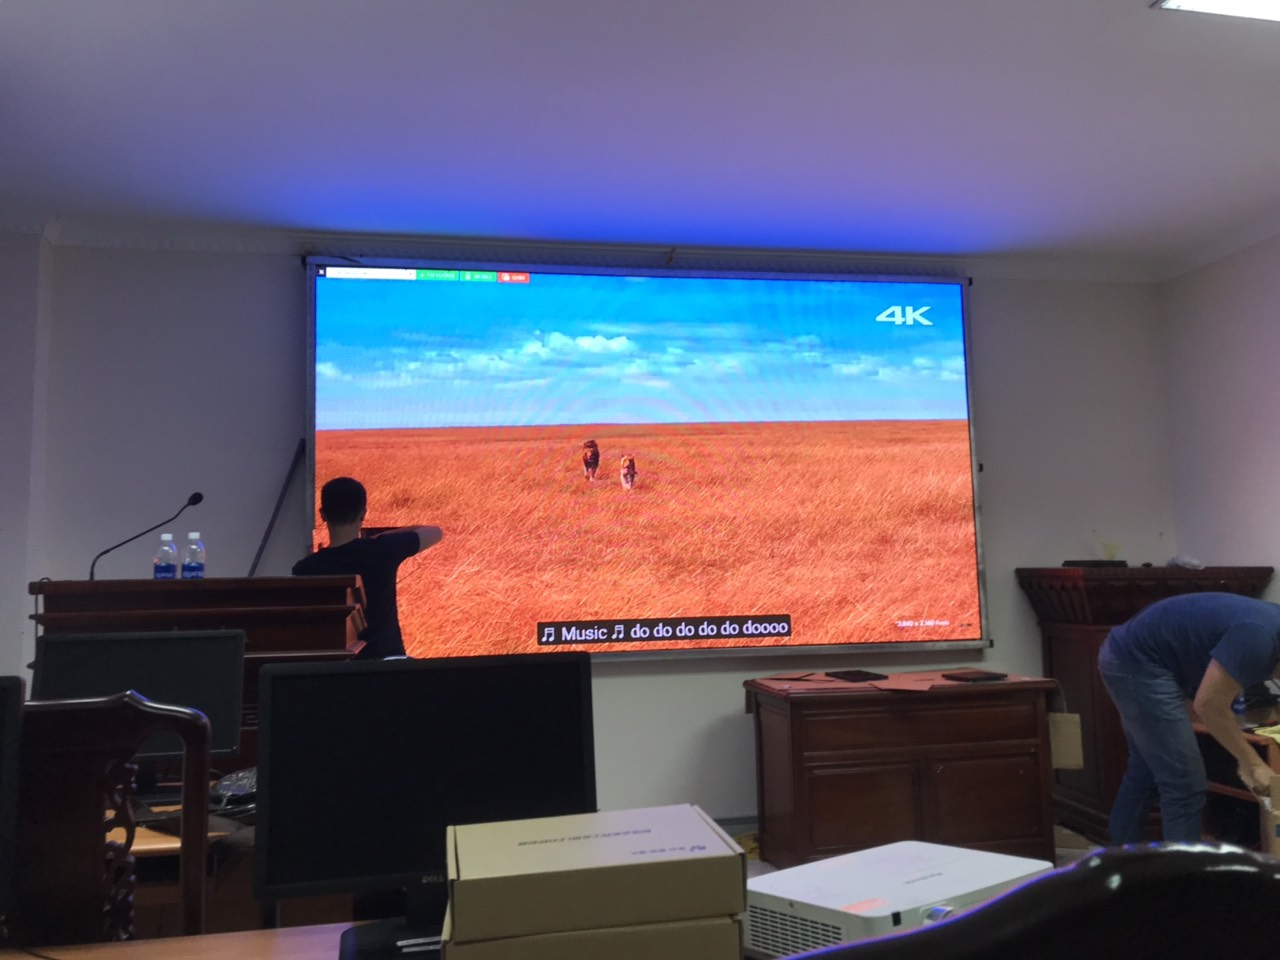 Thi công màn hình Led-P3 Caliang (3)